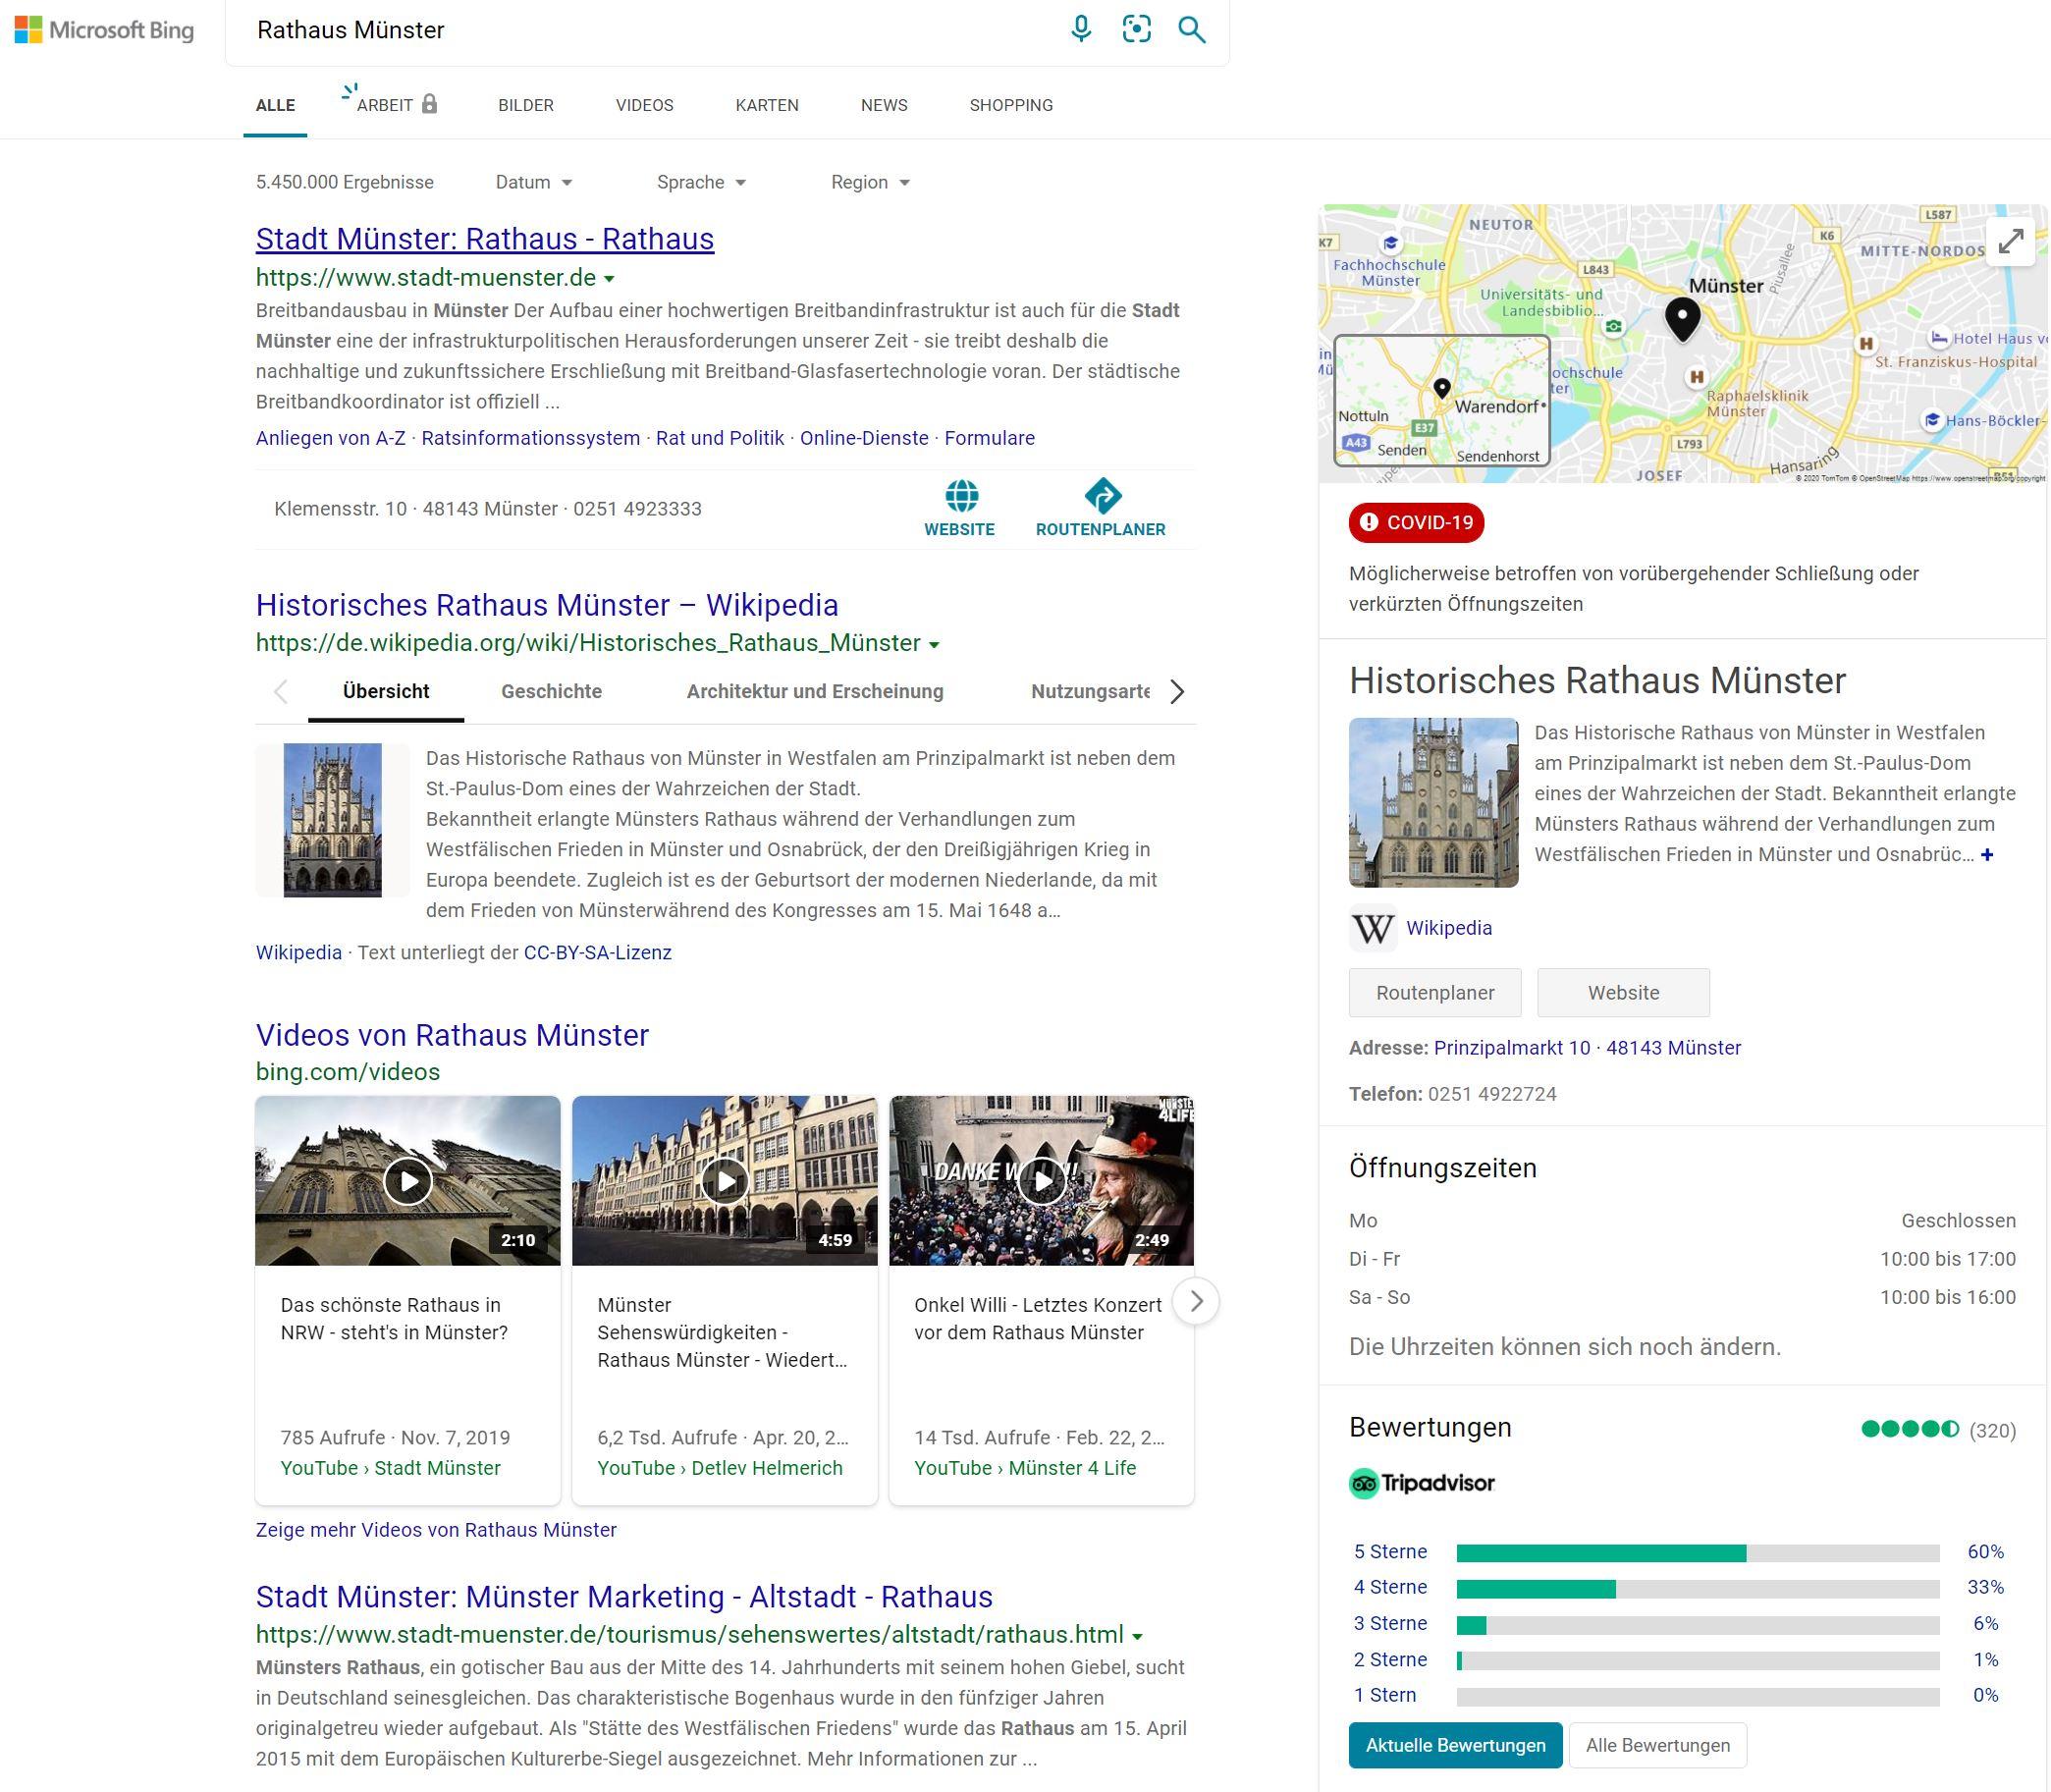 Bing Places Eintrag in der Suche